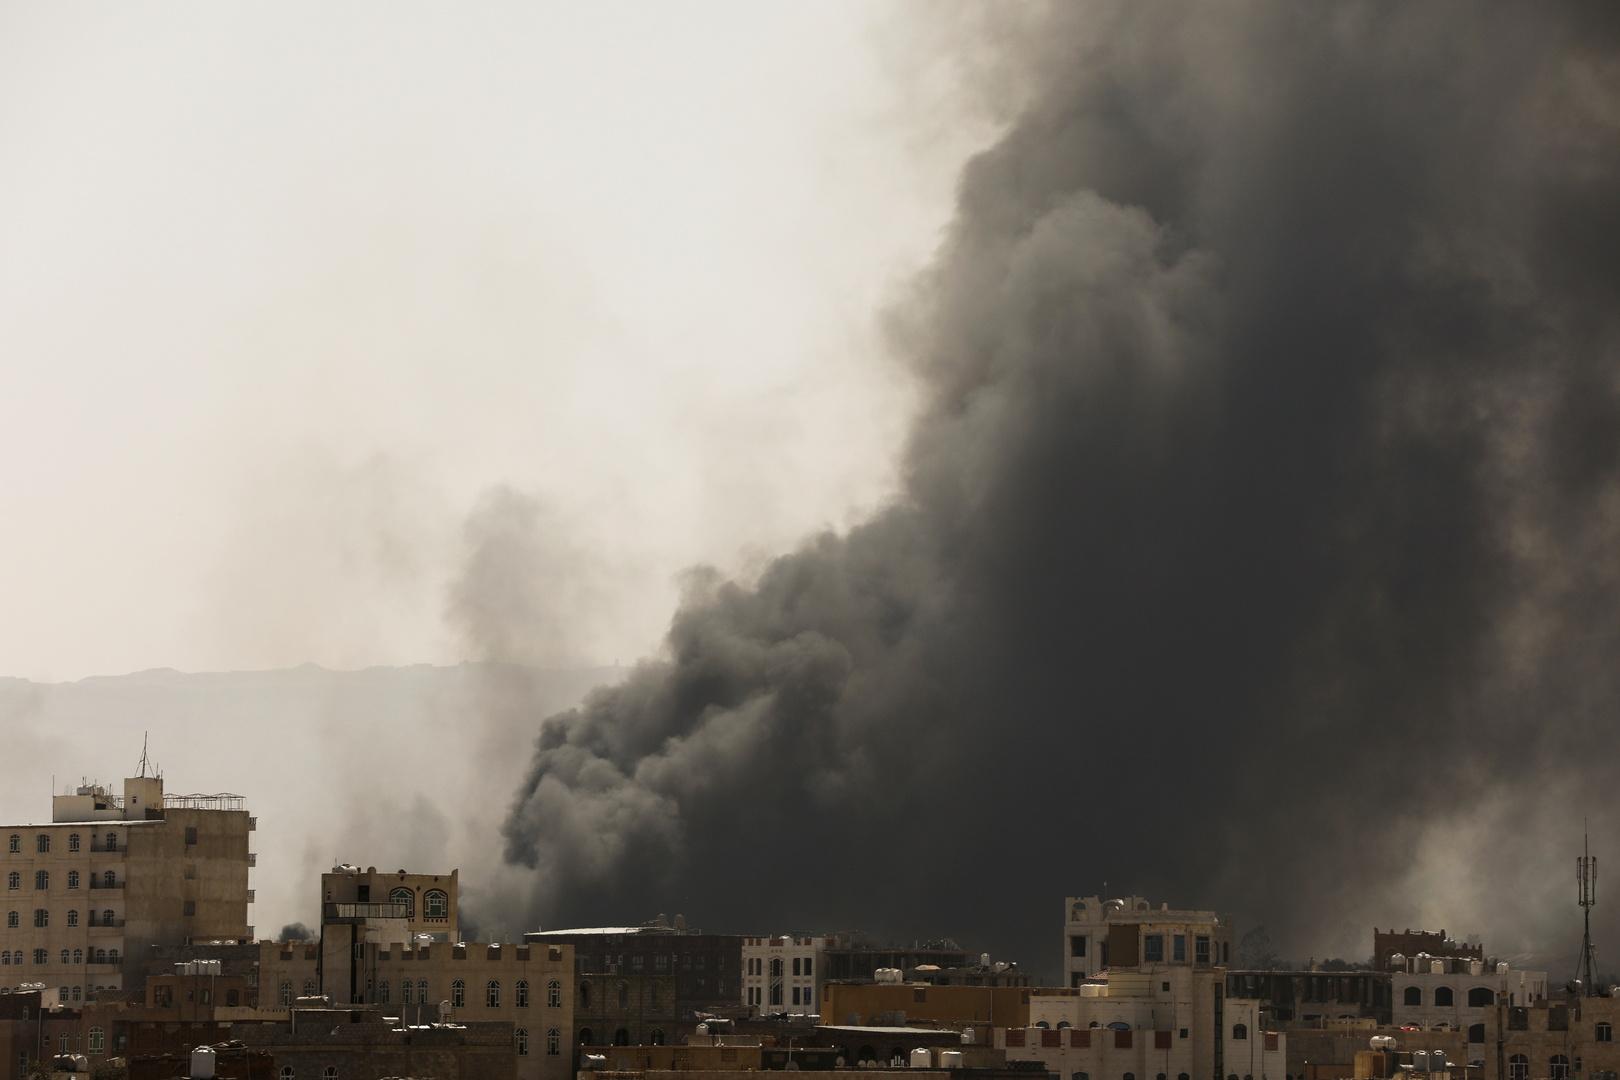 - التحالف العربي: اعتراض وتدمير 4 مسيرات مفخخة شنها الحوثيون تجاه السعودية